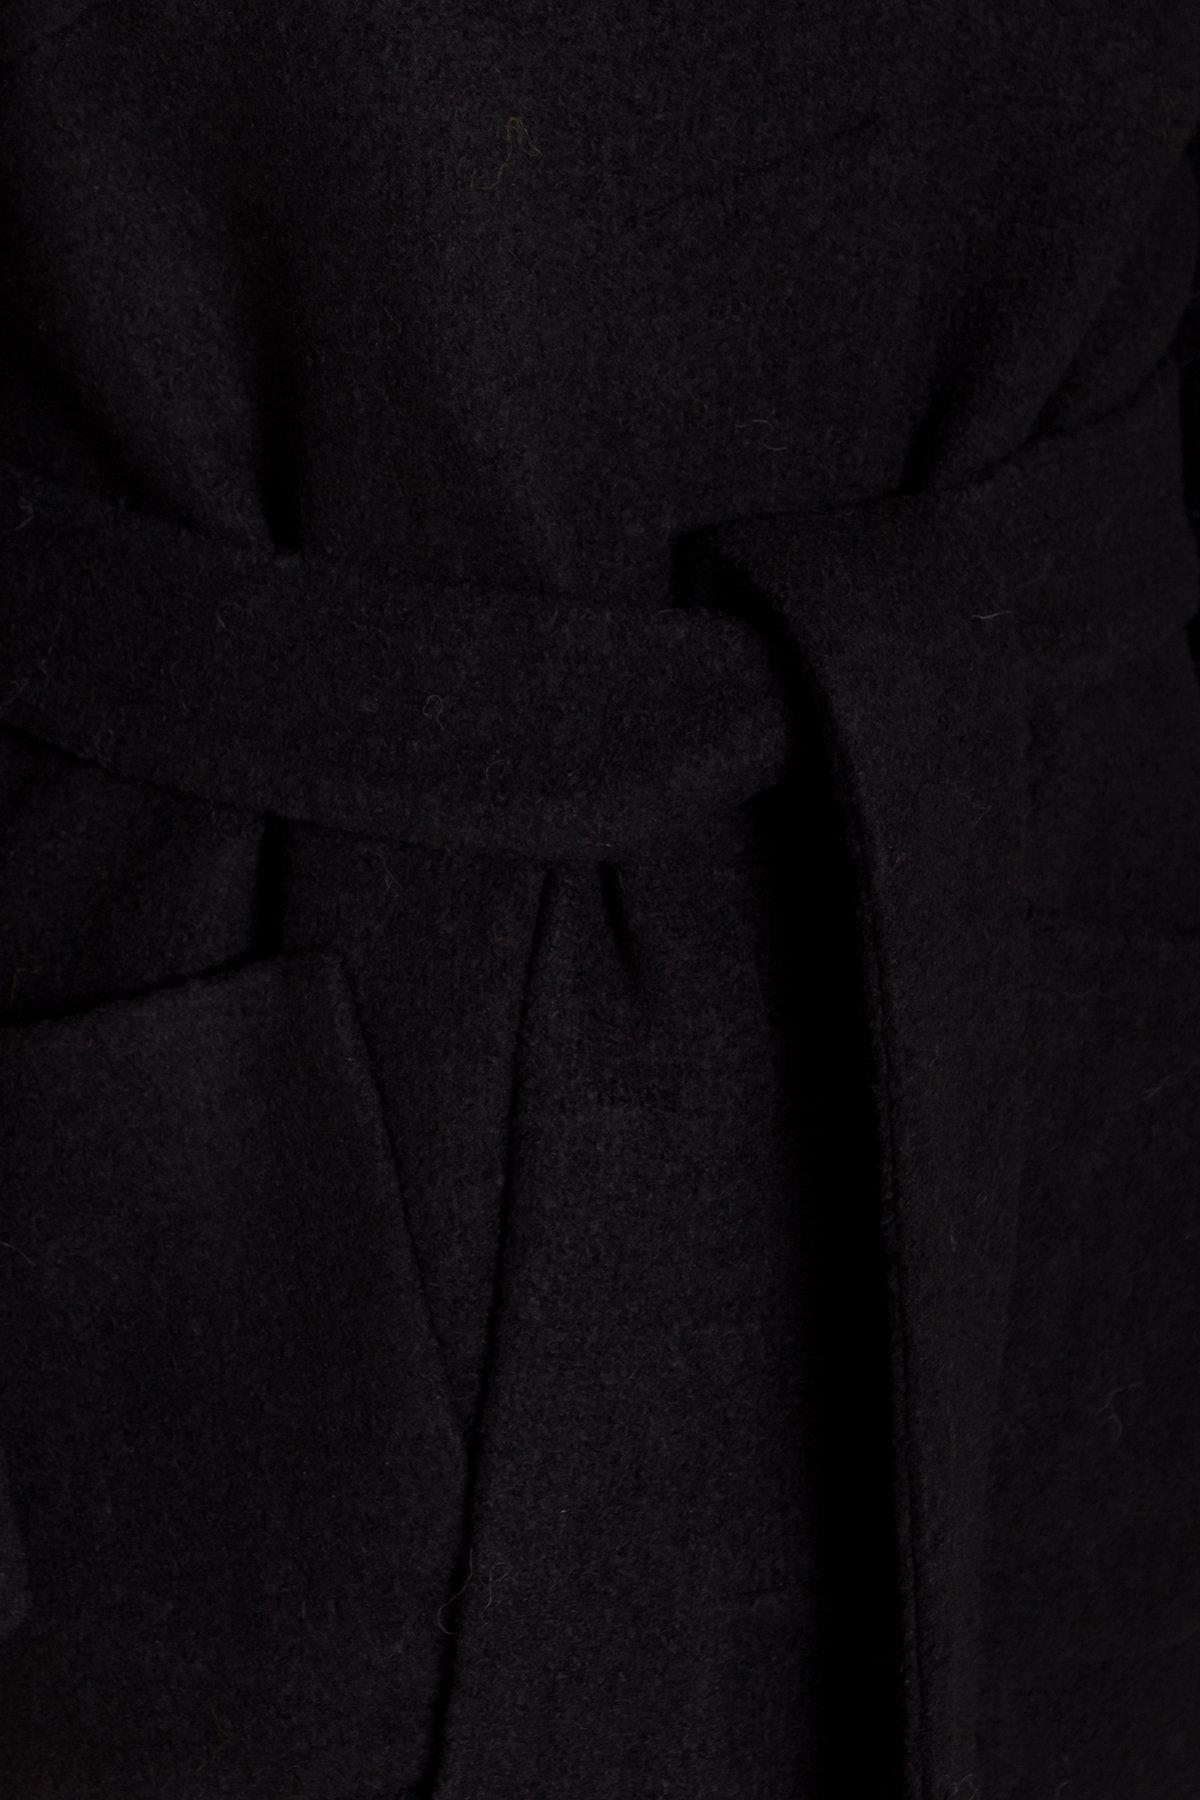 Пальто с капюшоном зимнее Анита 8327 АРТ. 44473 Цвет: Черный - фото 6, интернет магазин tm-modus.ru